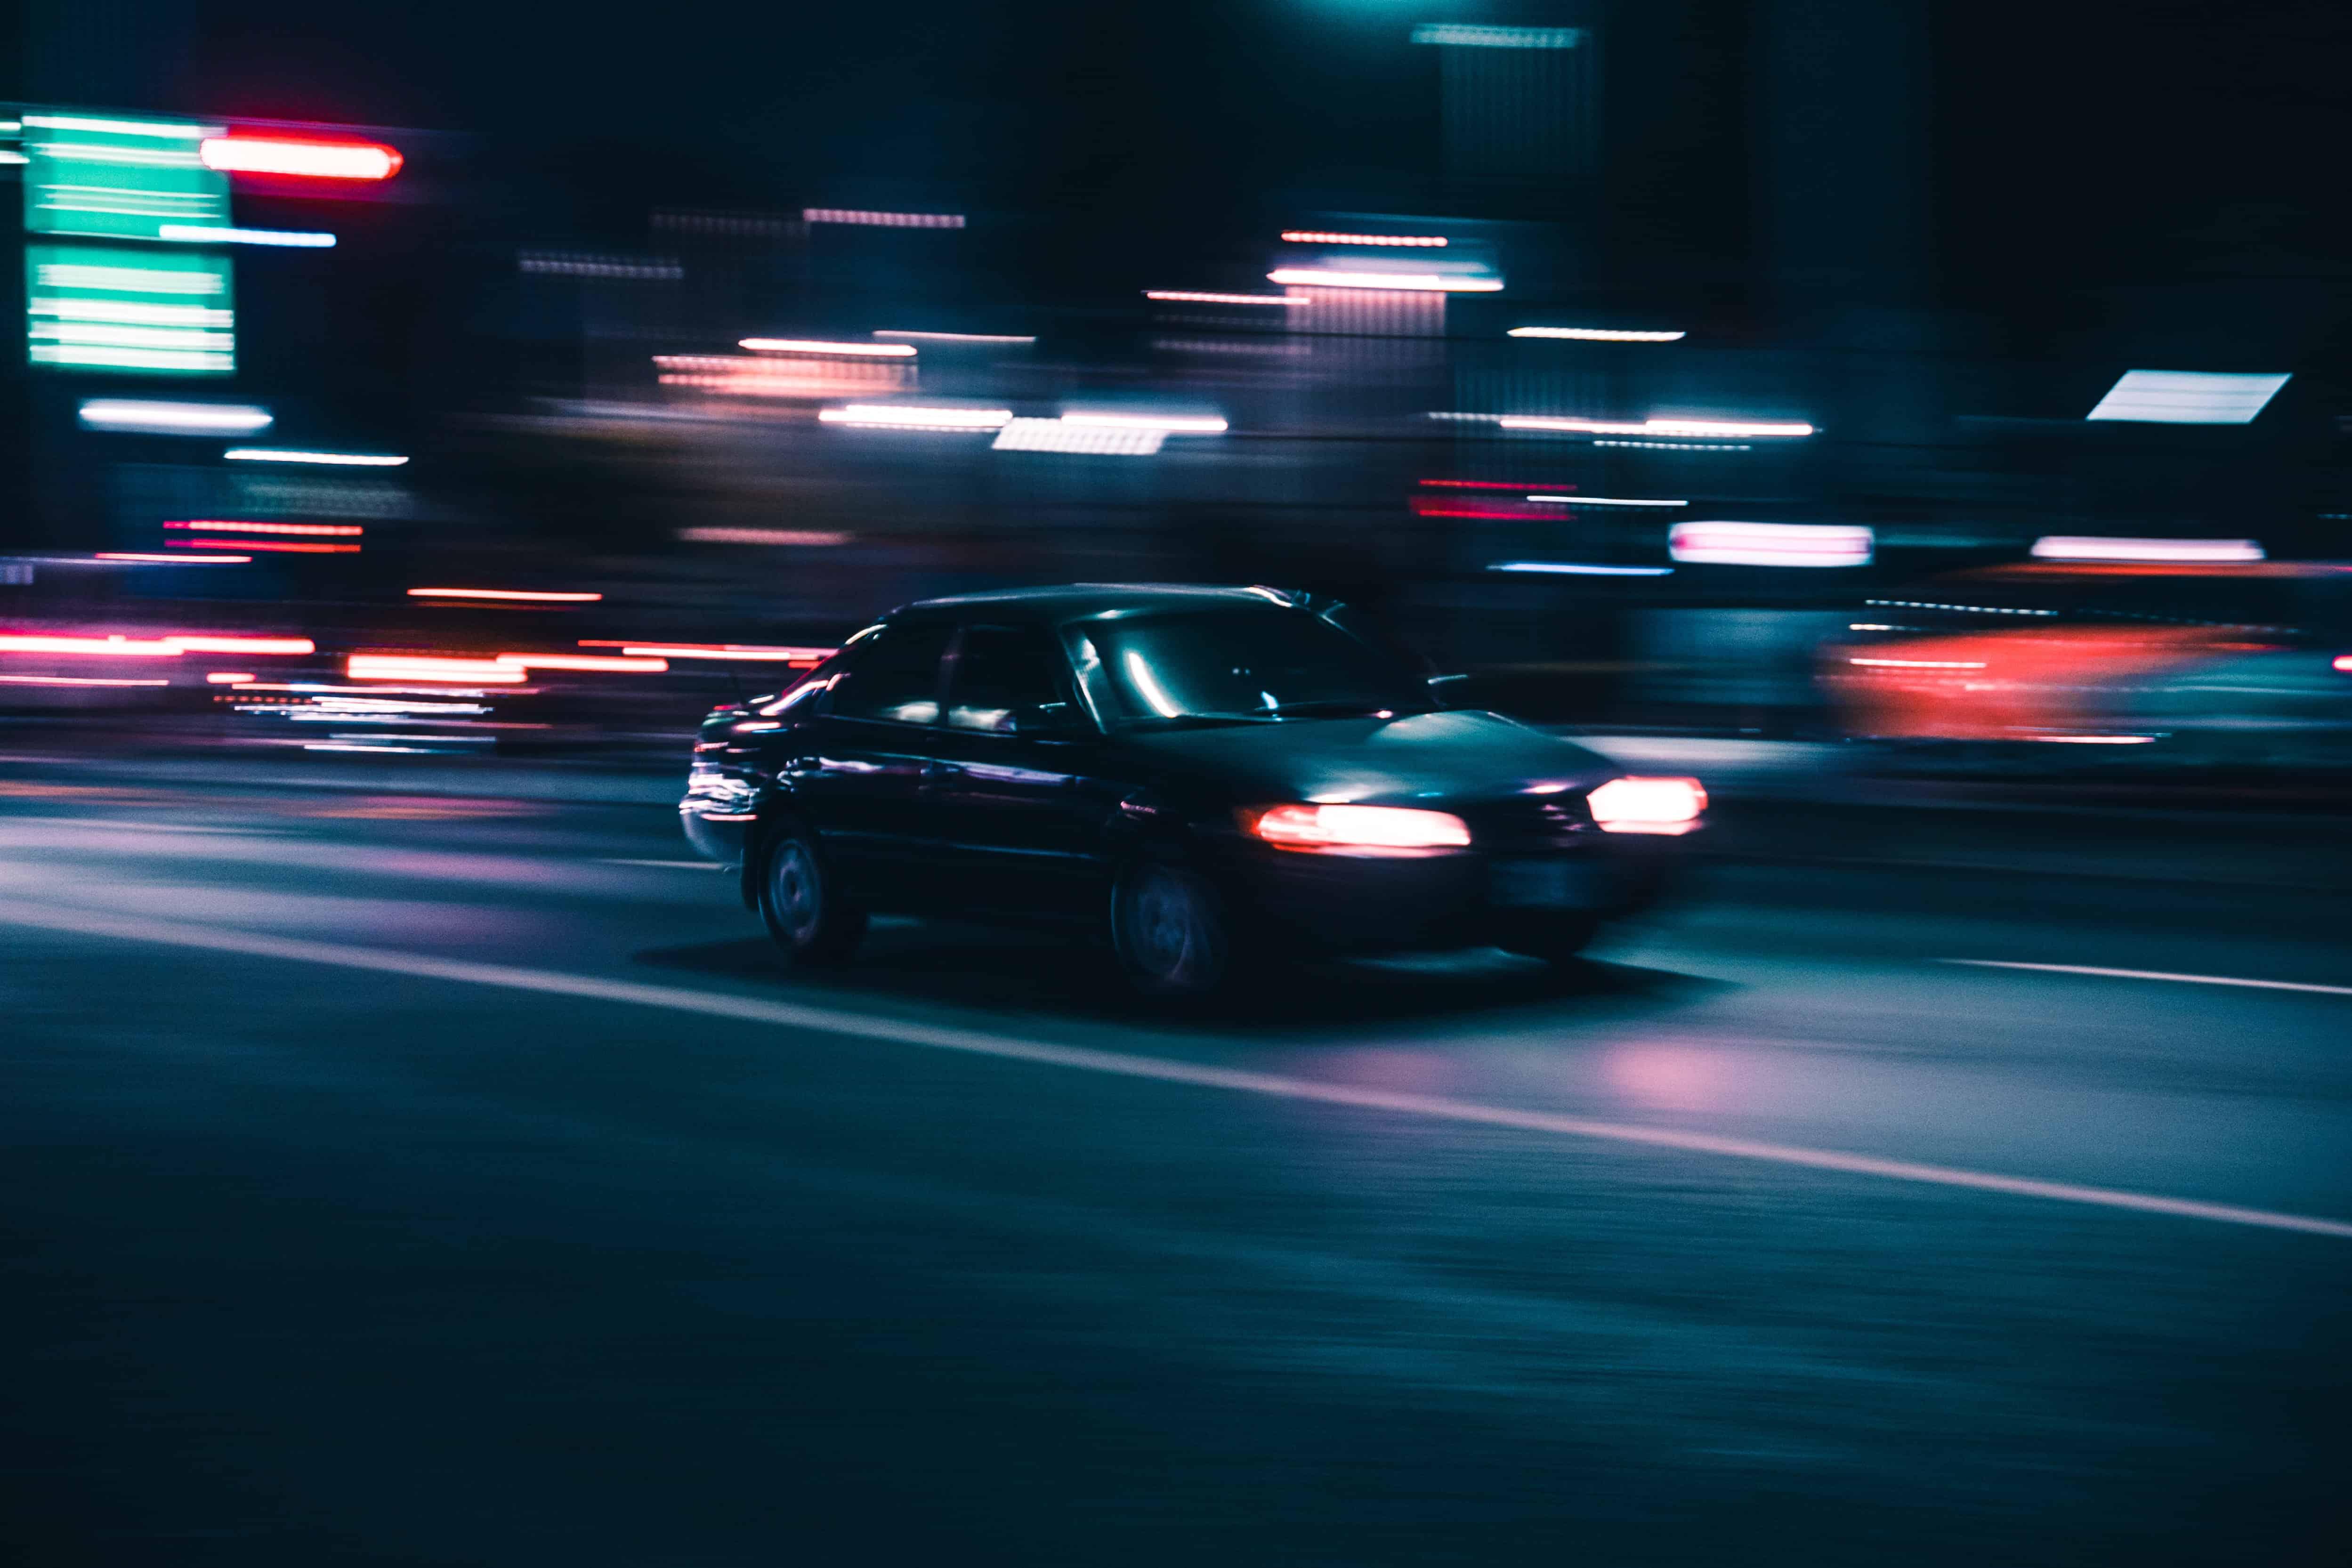 Gilbert and Chandler Heights Roads Crash Kills Man, Injures Woman [Chandler, AZ]